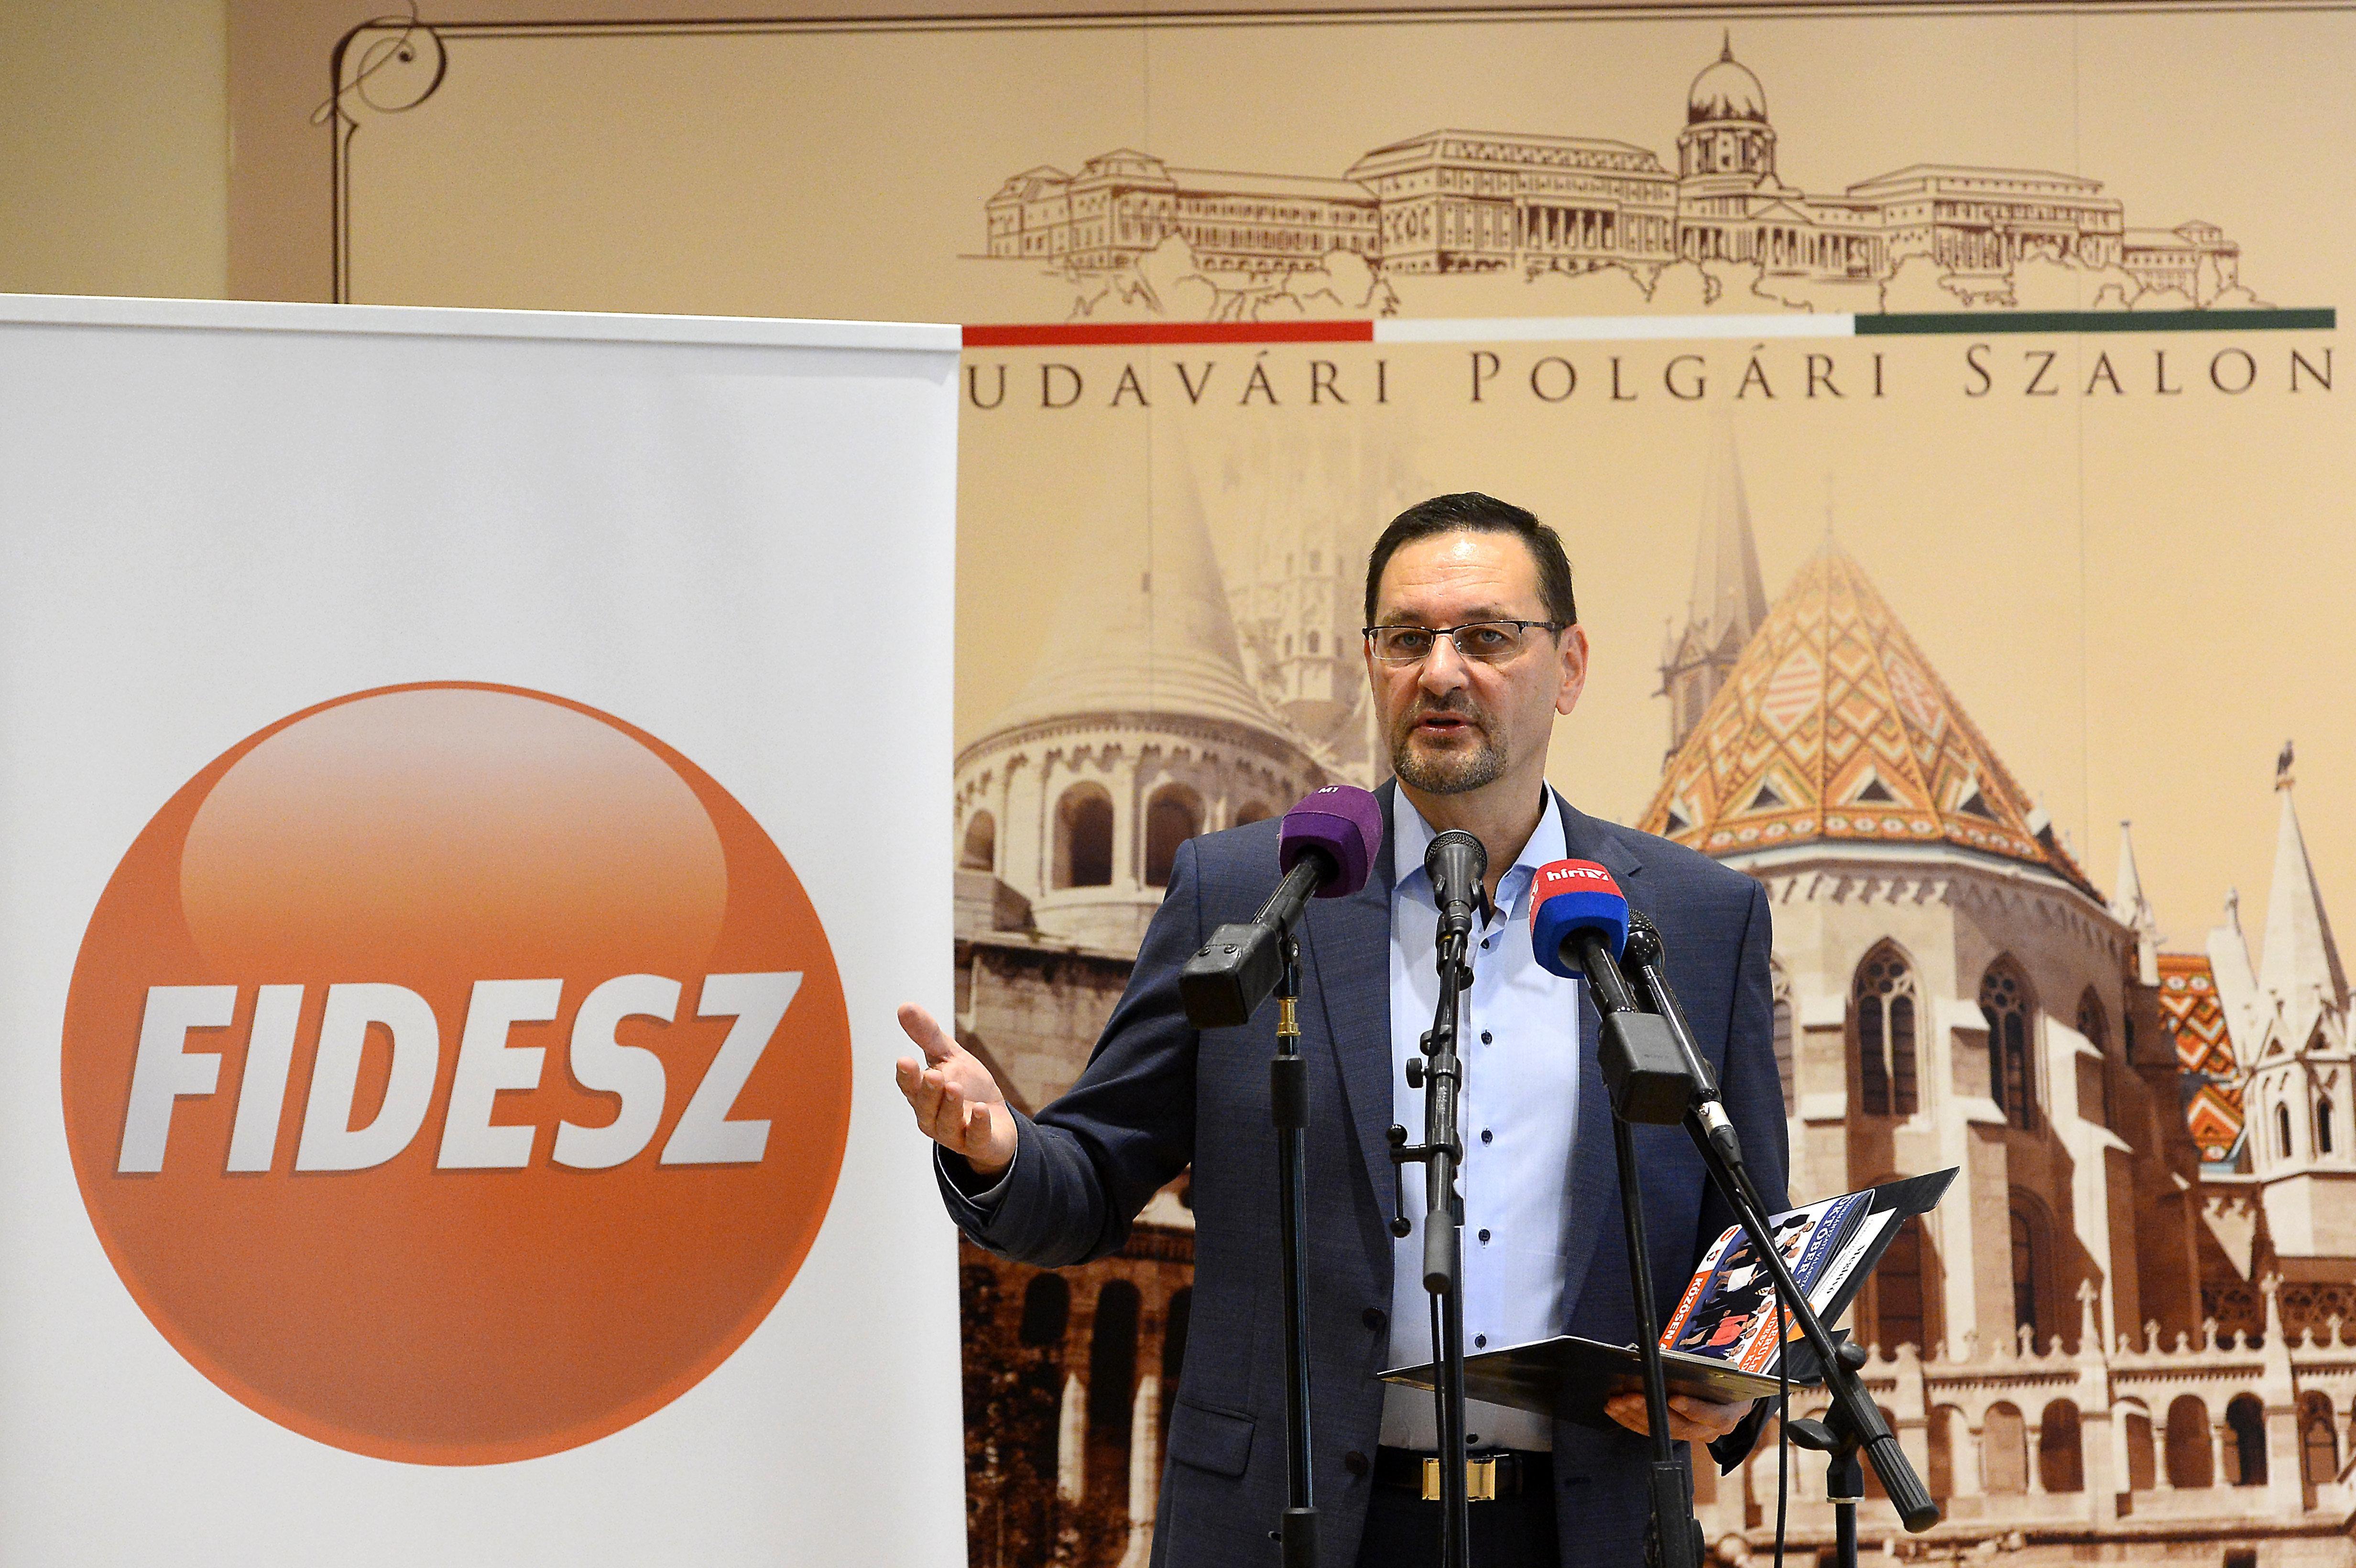 Az I. kerületi polgárok 500 millió forintját égette el a korábbi polgármester a Fidesz-korszak legjobban dokumentált gazdasági bűnügye miatt